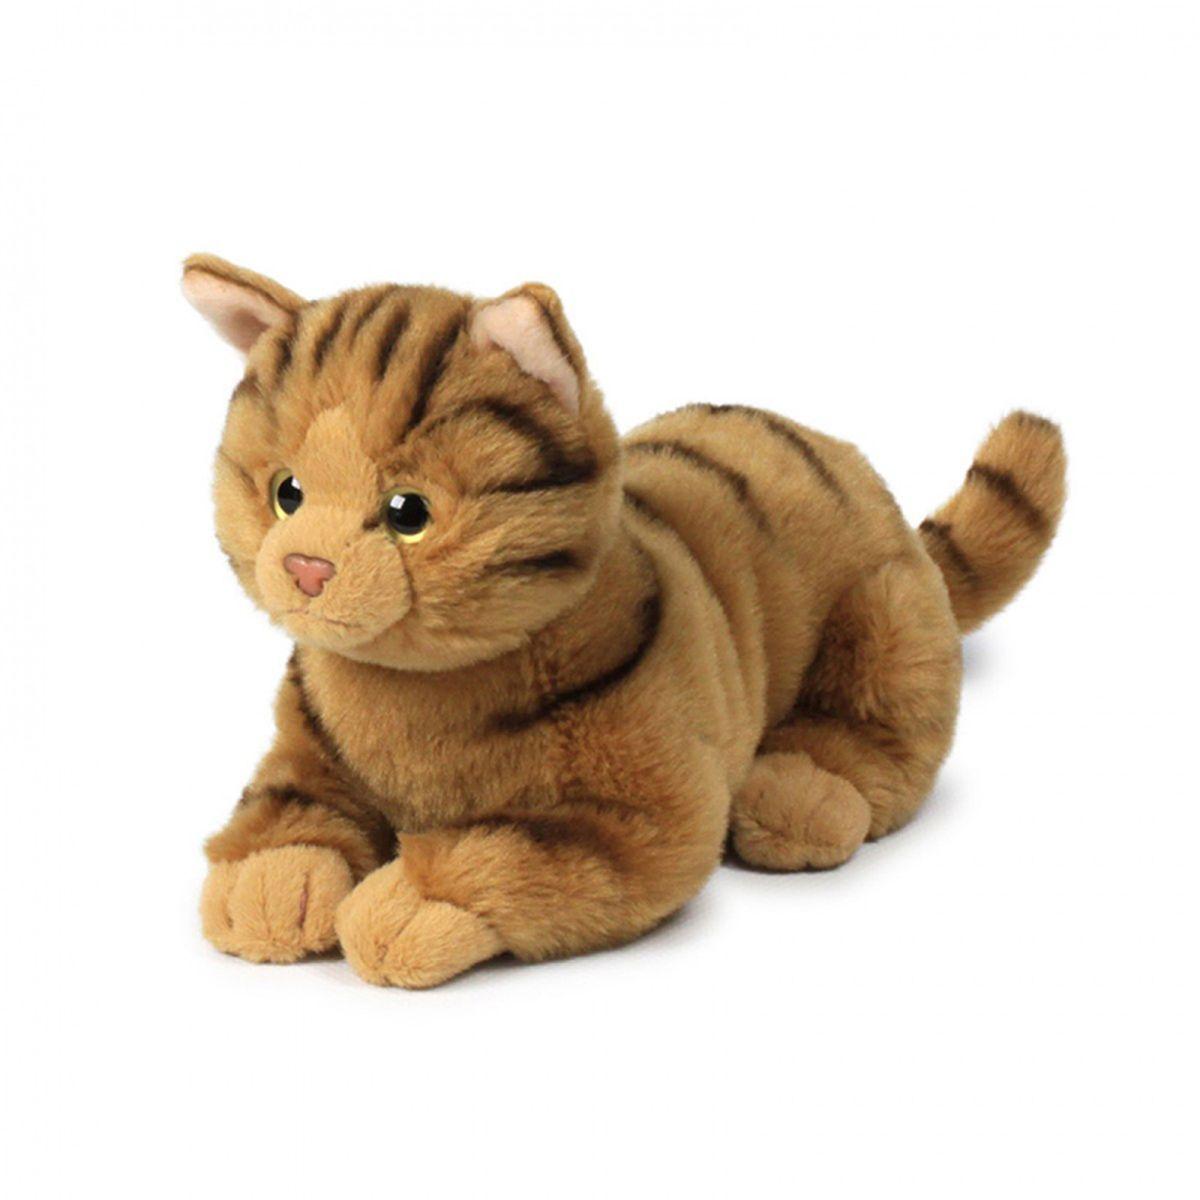 Anna Club Plush Кошка бенгальская, лежит 20 см anna club plush мягкая игрушка бассет хаунд 18 см